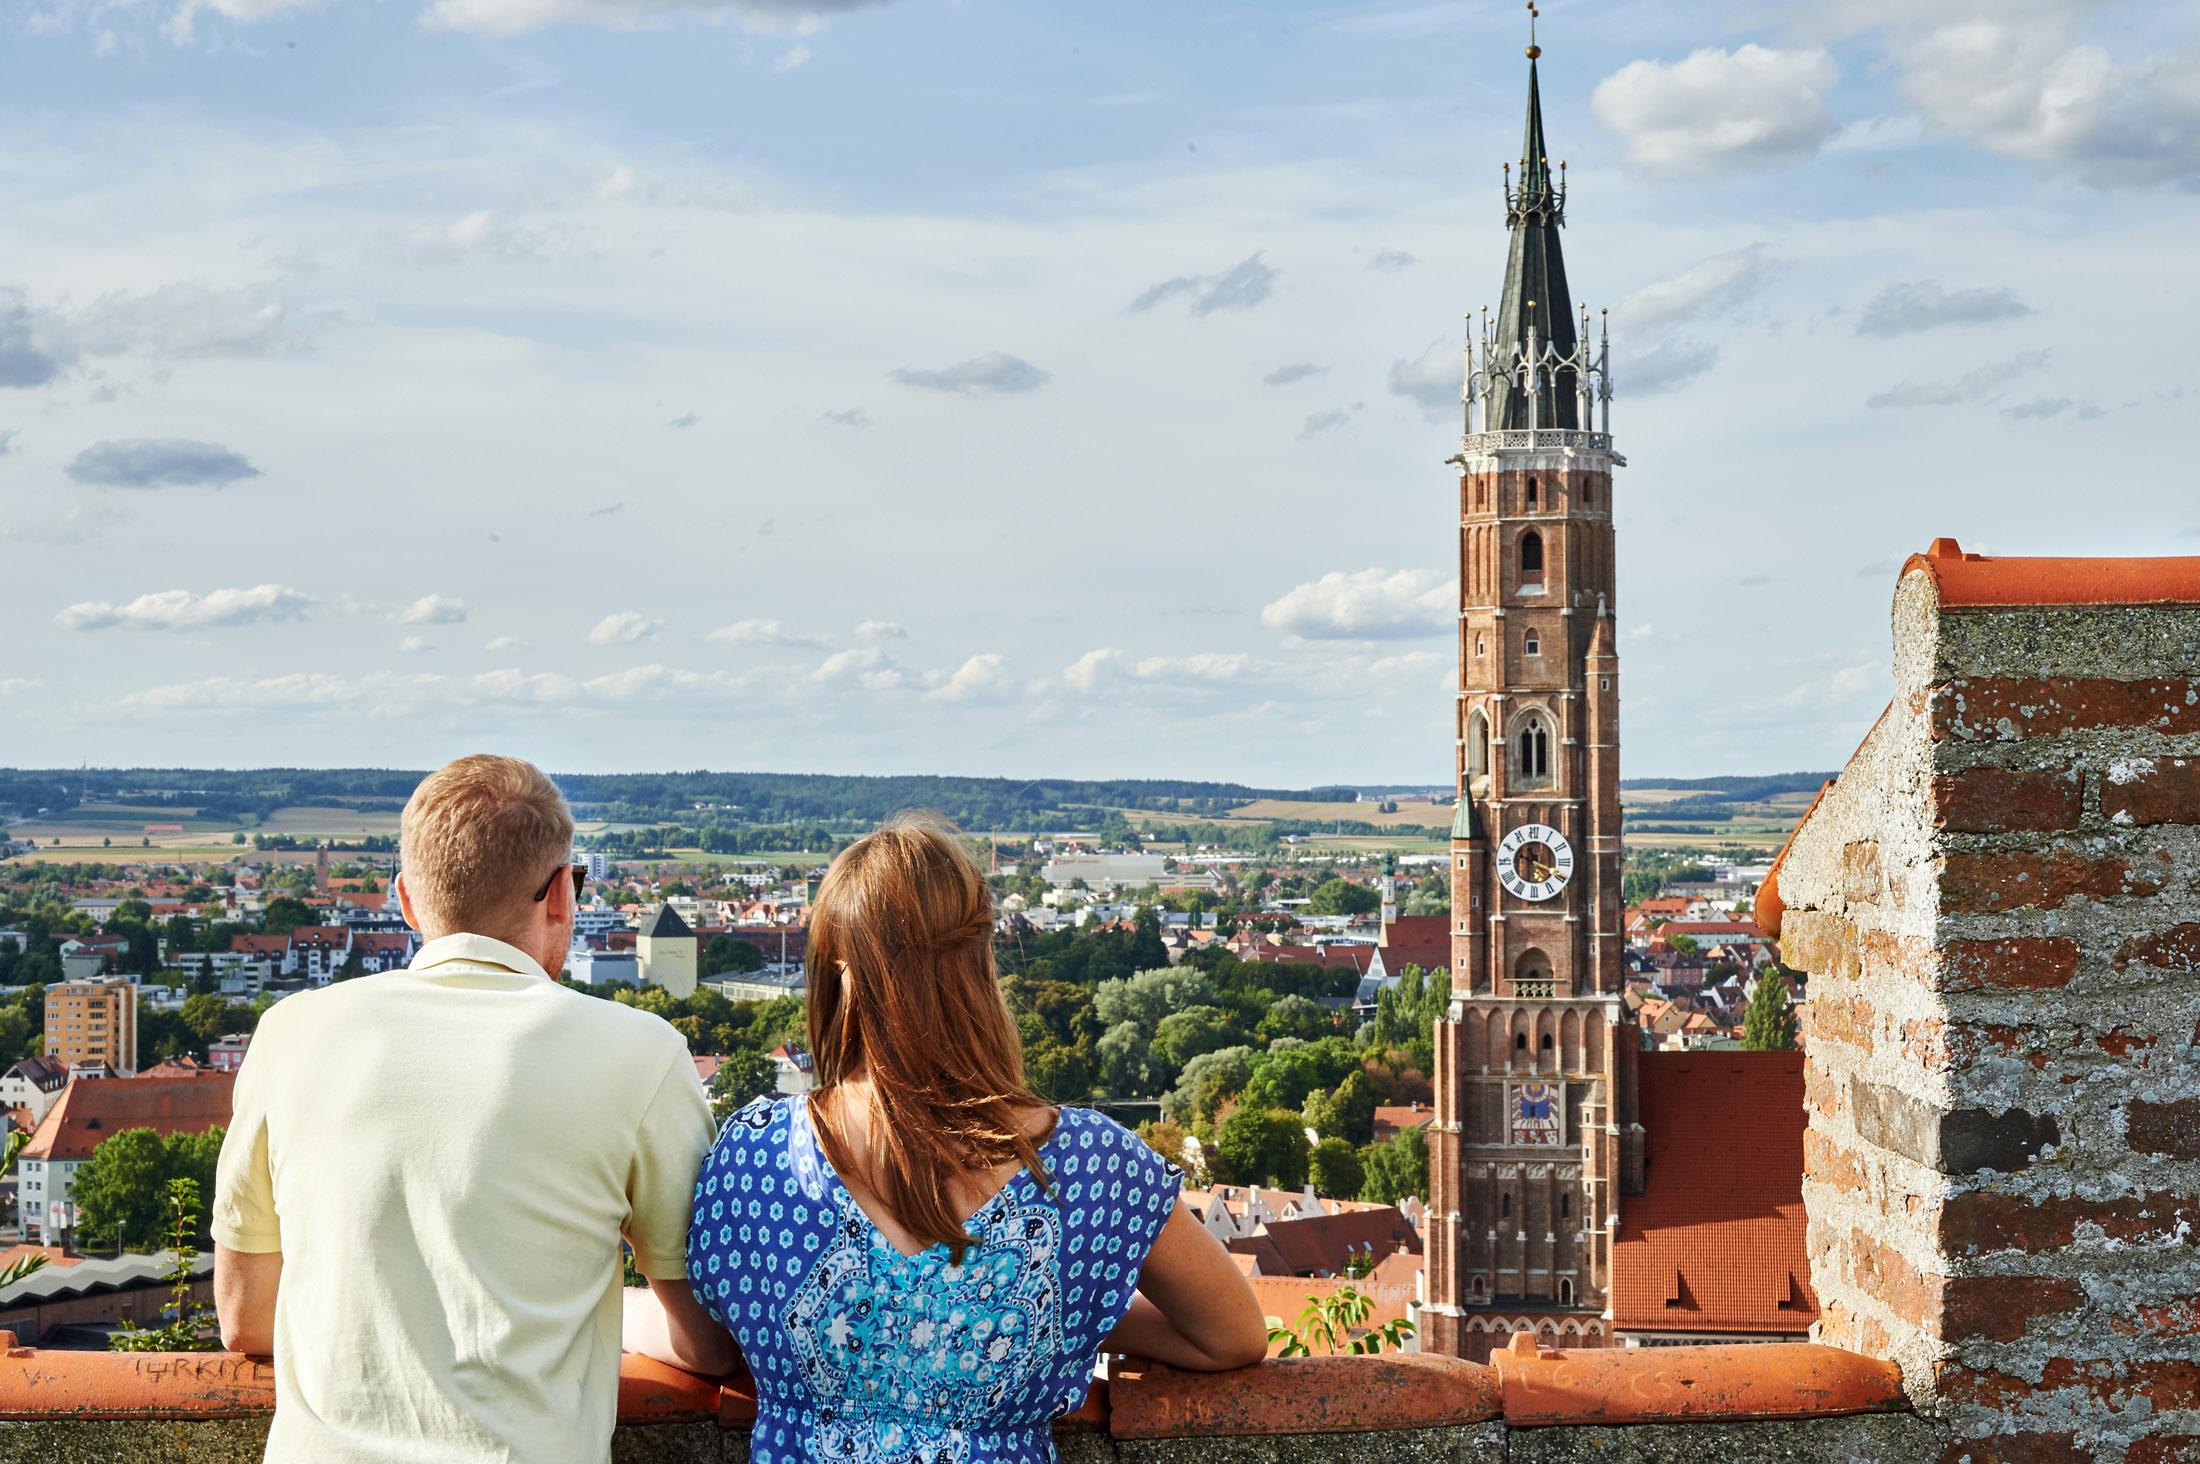 Blick auf die Basilika St. Martin mit dem höchsten Ziegelkirchturm der Welt